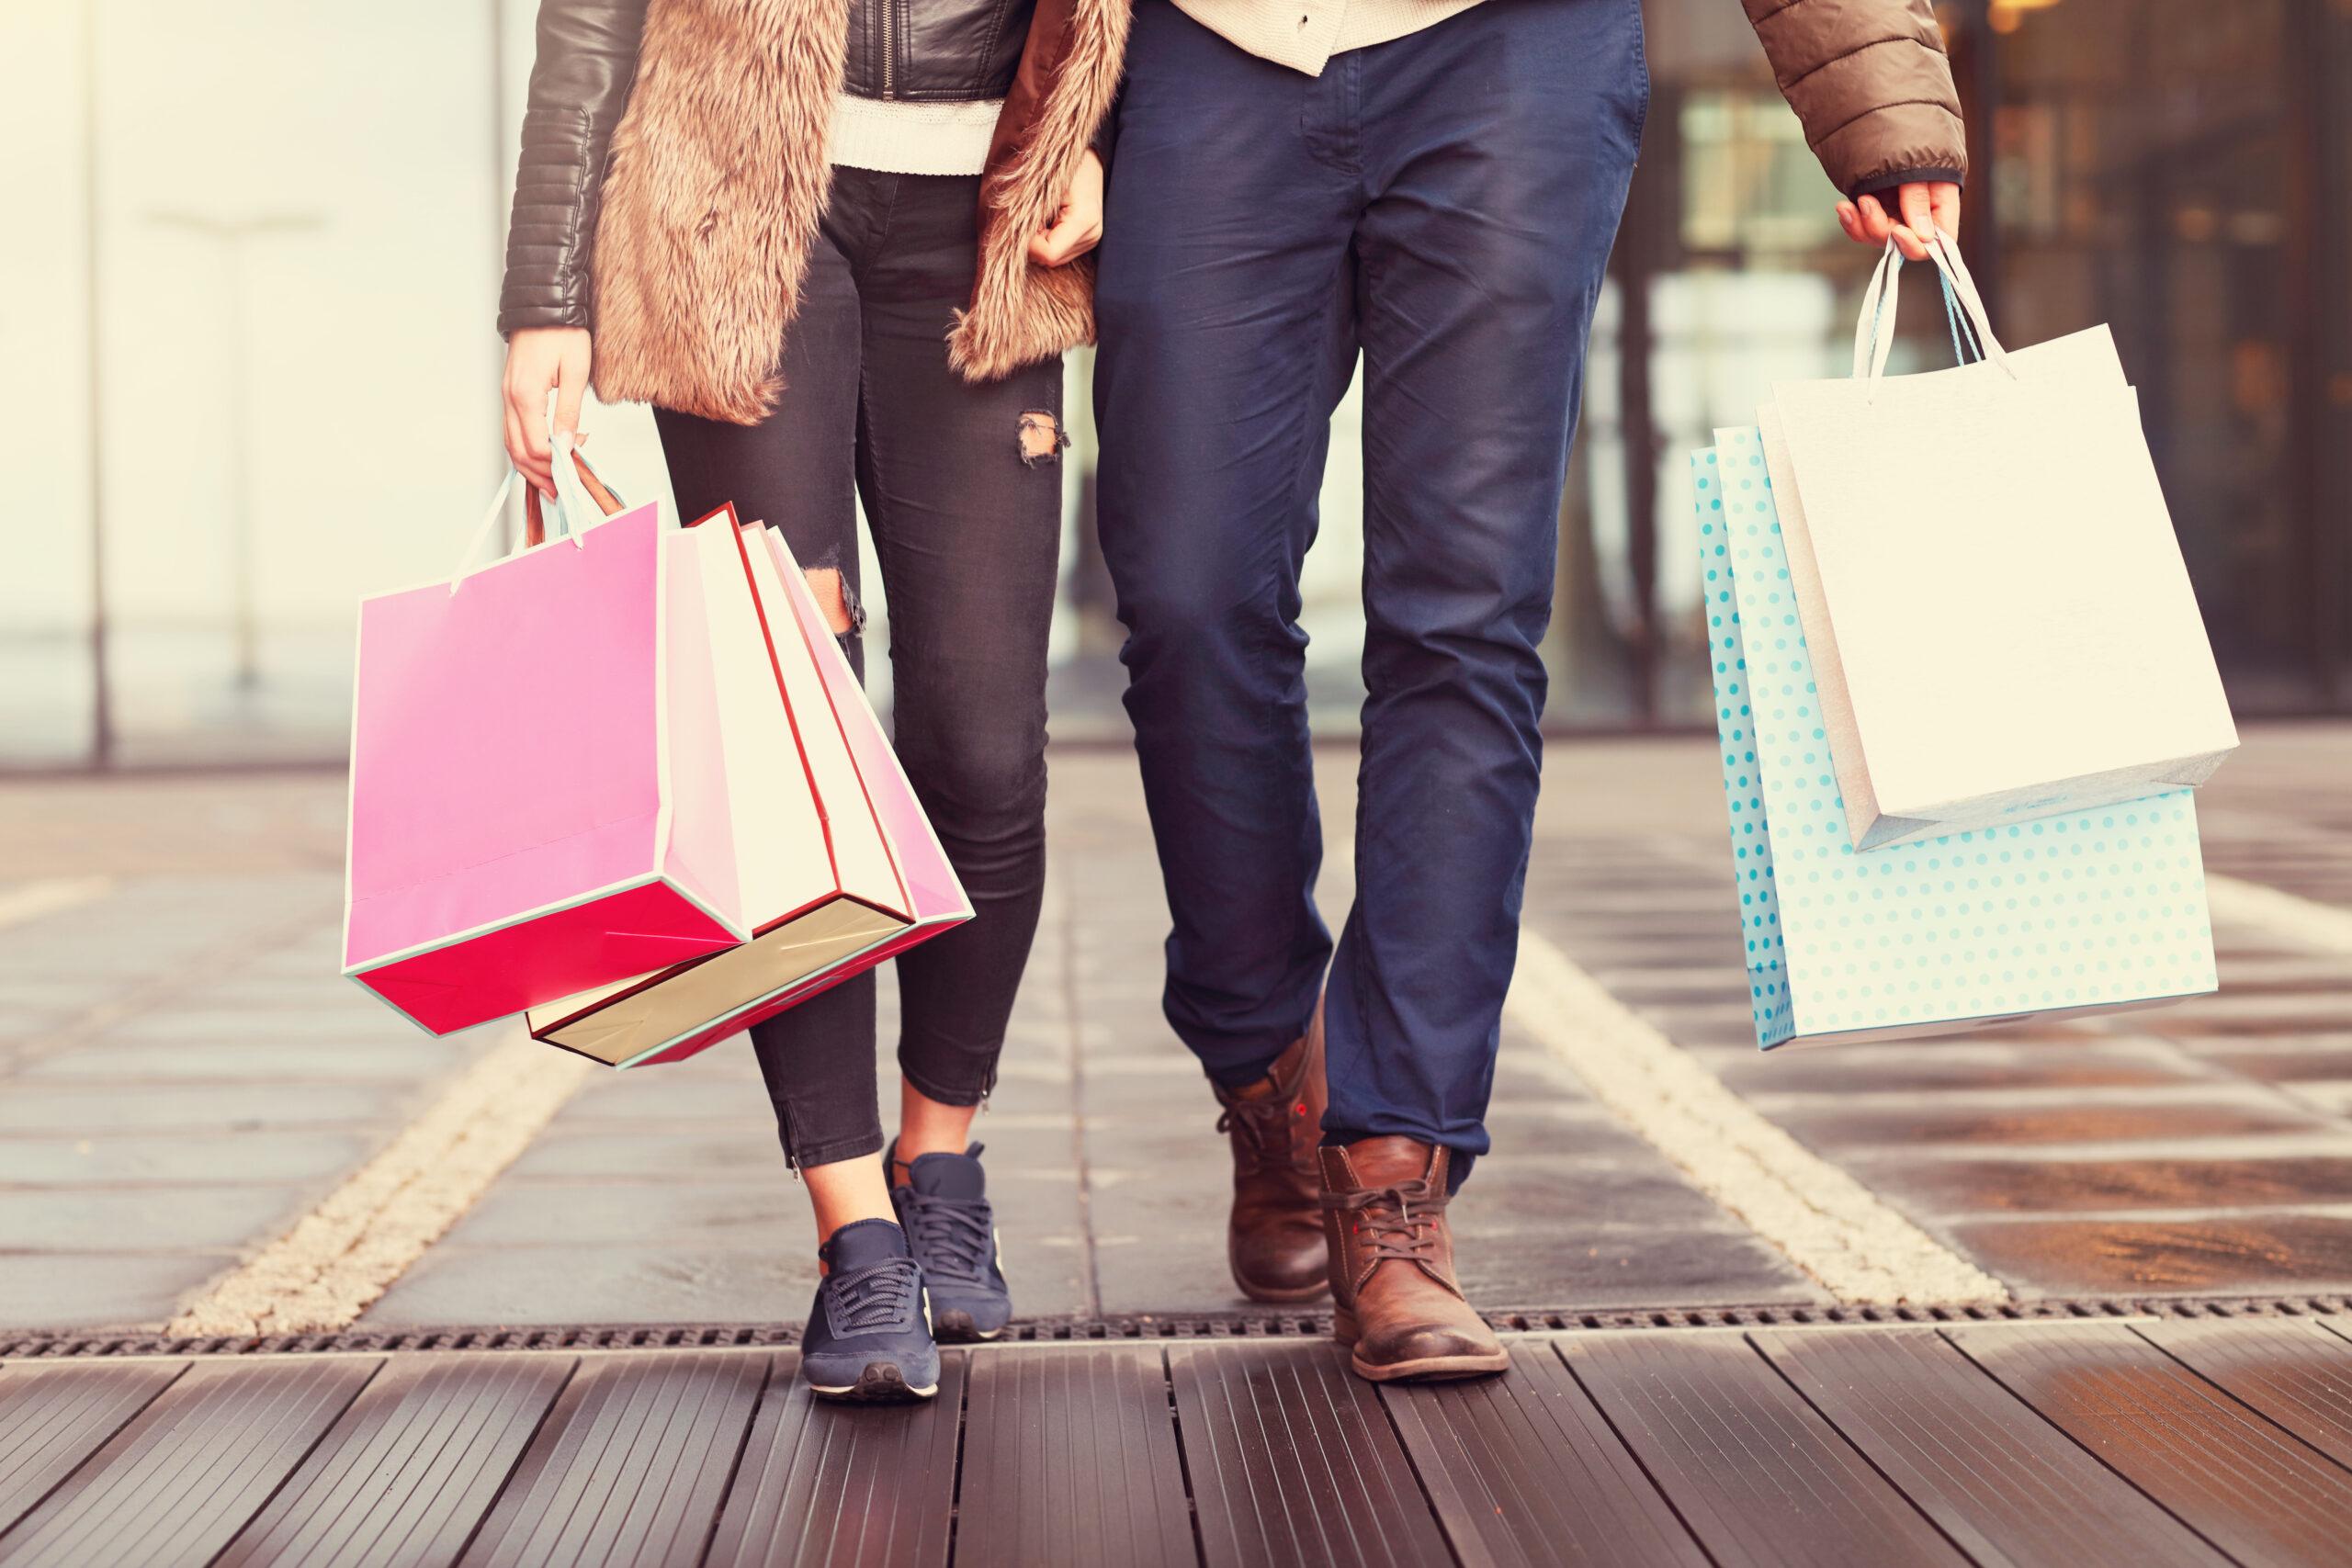 ショッピングデート、ちょっぴり不安だ…